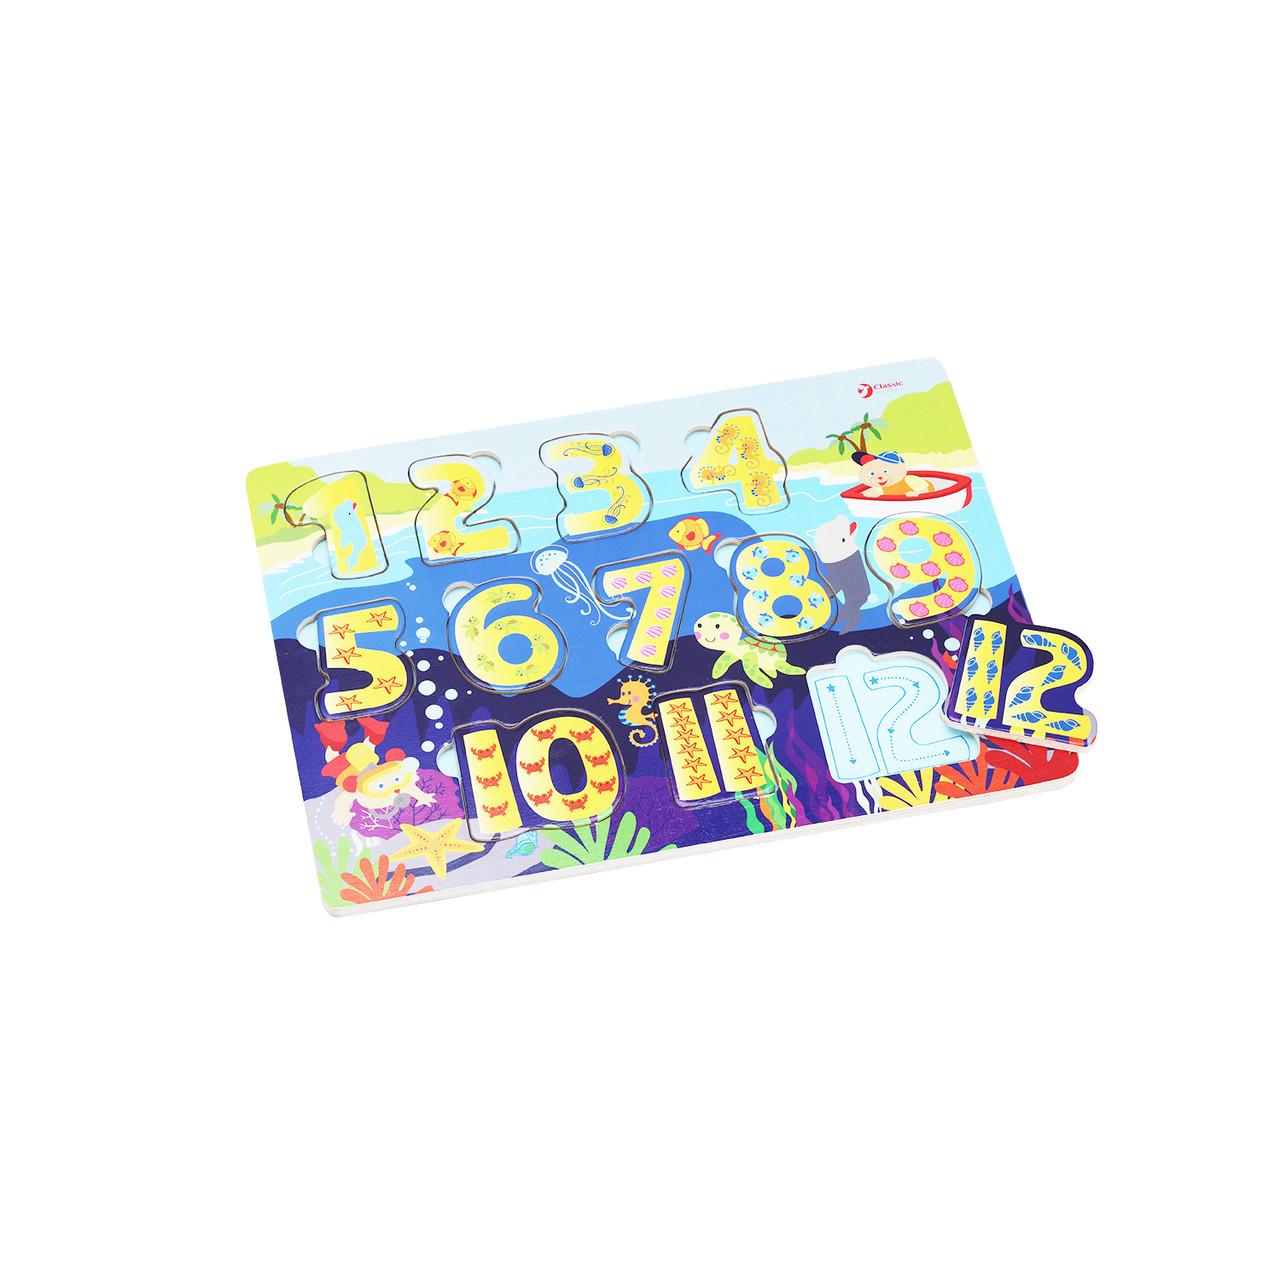 Іграшка дерев'яна вкладка Цифри 3548